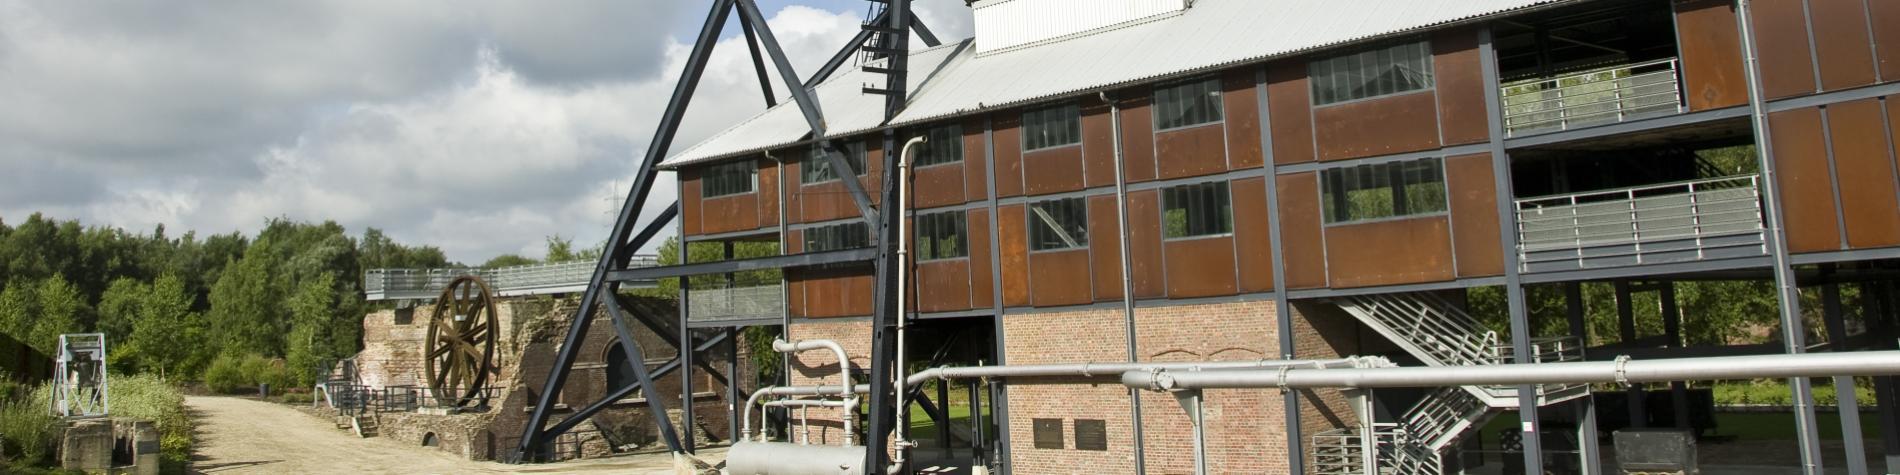 Marcinelle - Bois du Cazier - mine - charbonnage - patrimoine mondial de l'UNESCO